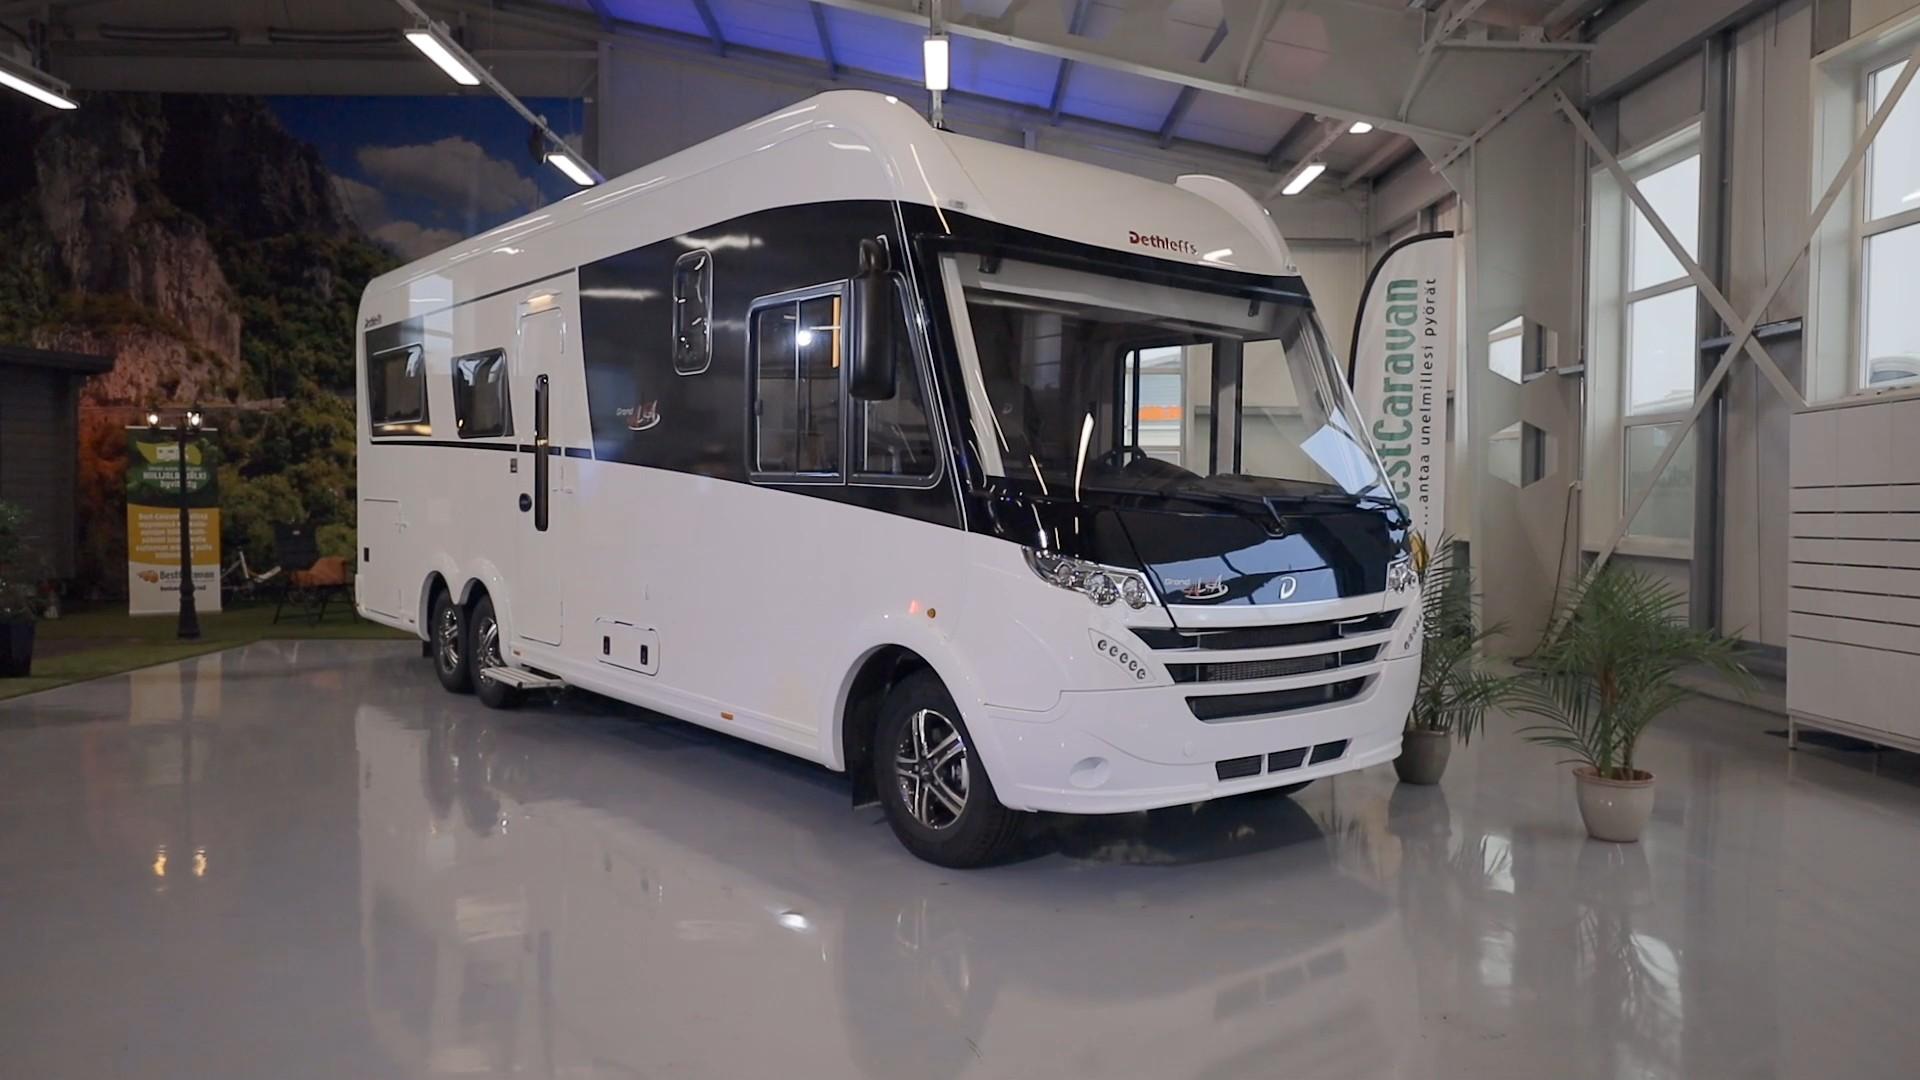 Dethleffs Alpa I 7820-2 on kookas C1-ajokortilla ajettava matkailuauto